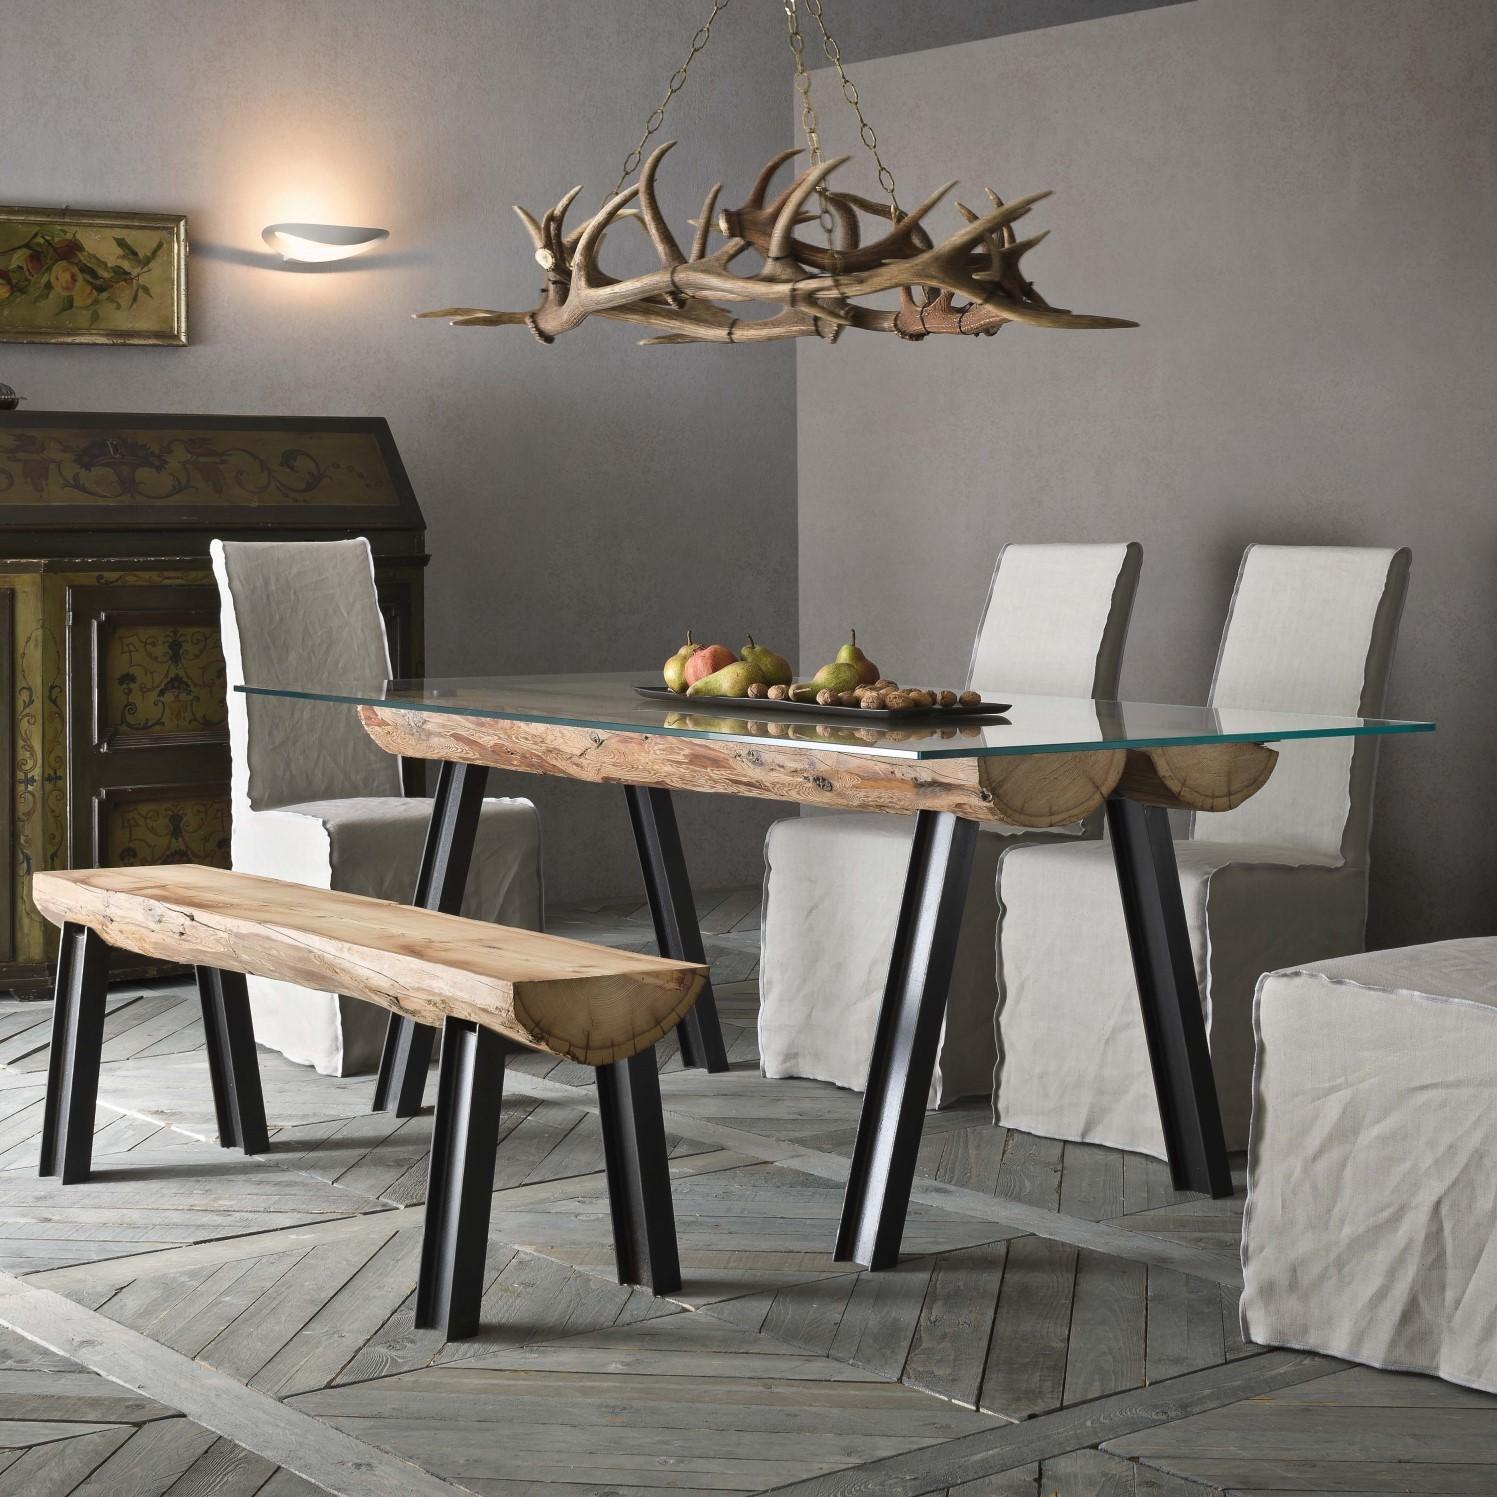 Idee panche e panchette per la casa dove metterle - Tavoli da pranzo ferro battuto e vetro ...